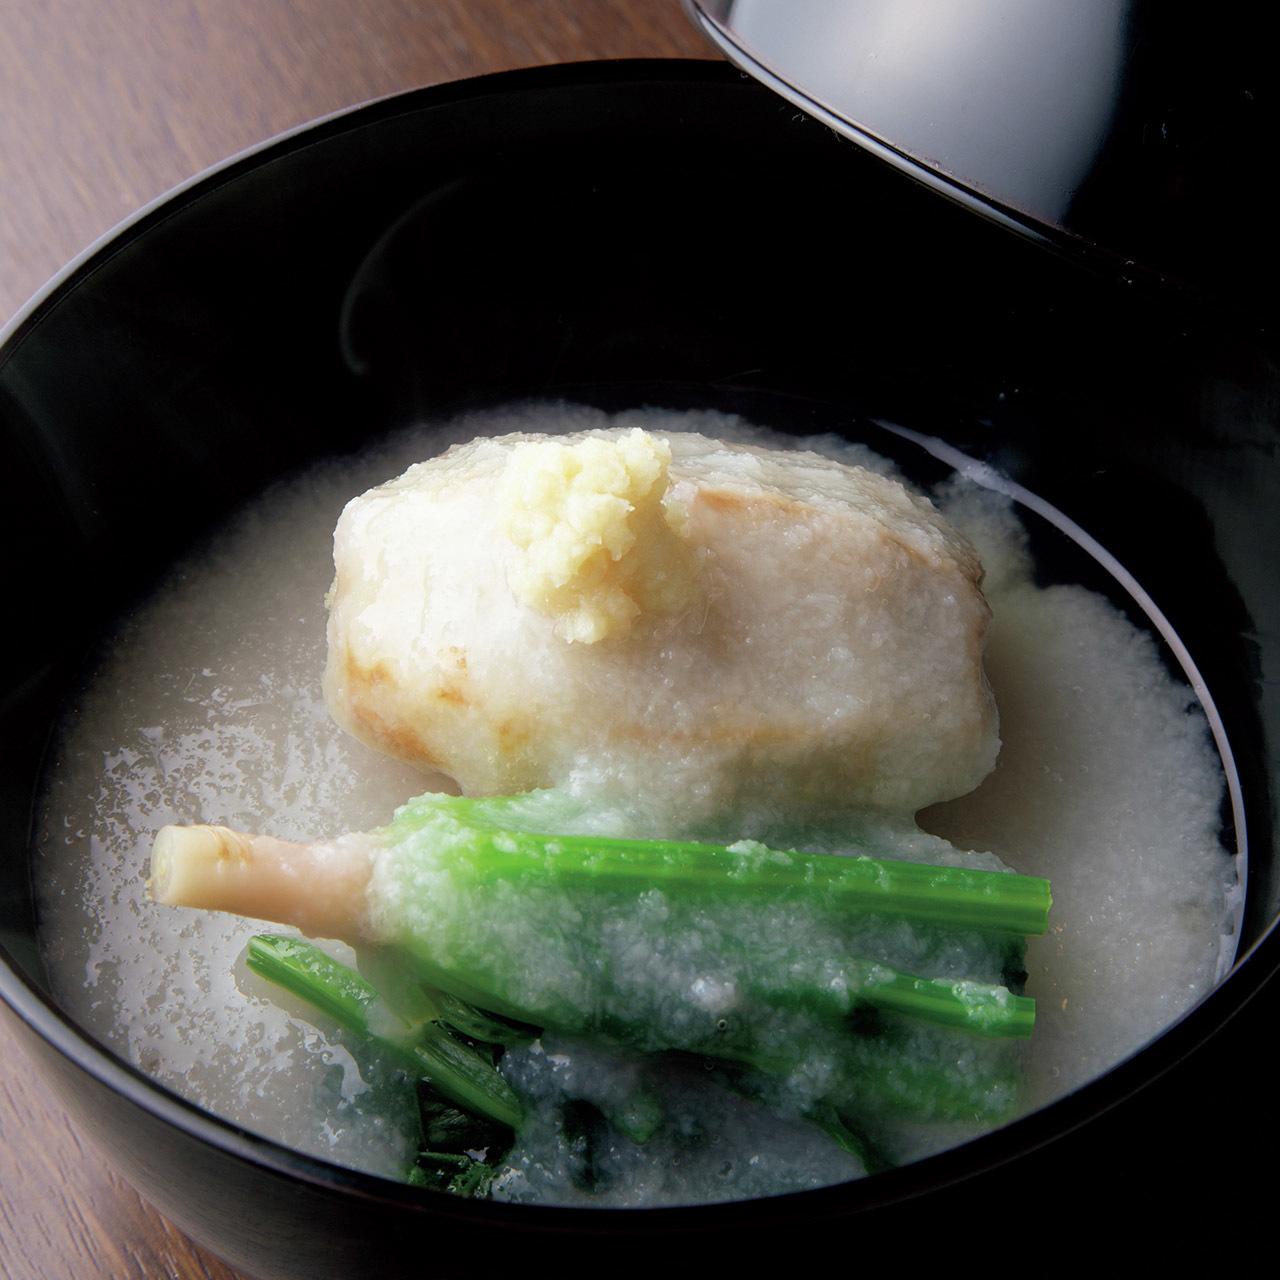 野菜と肉鍋が待っている! 京都、冬の美味を堪能 五選_1_1-3